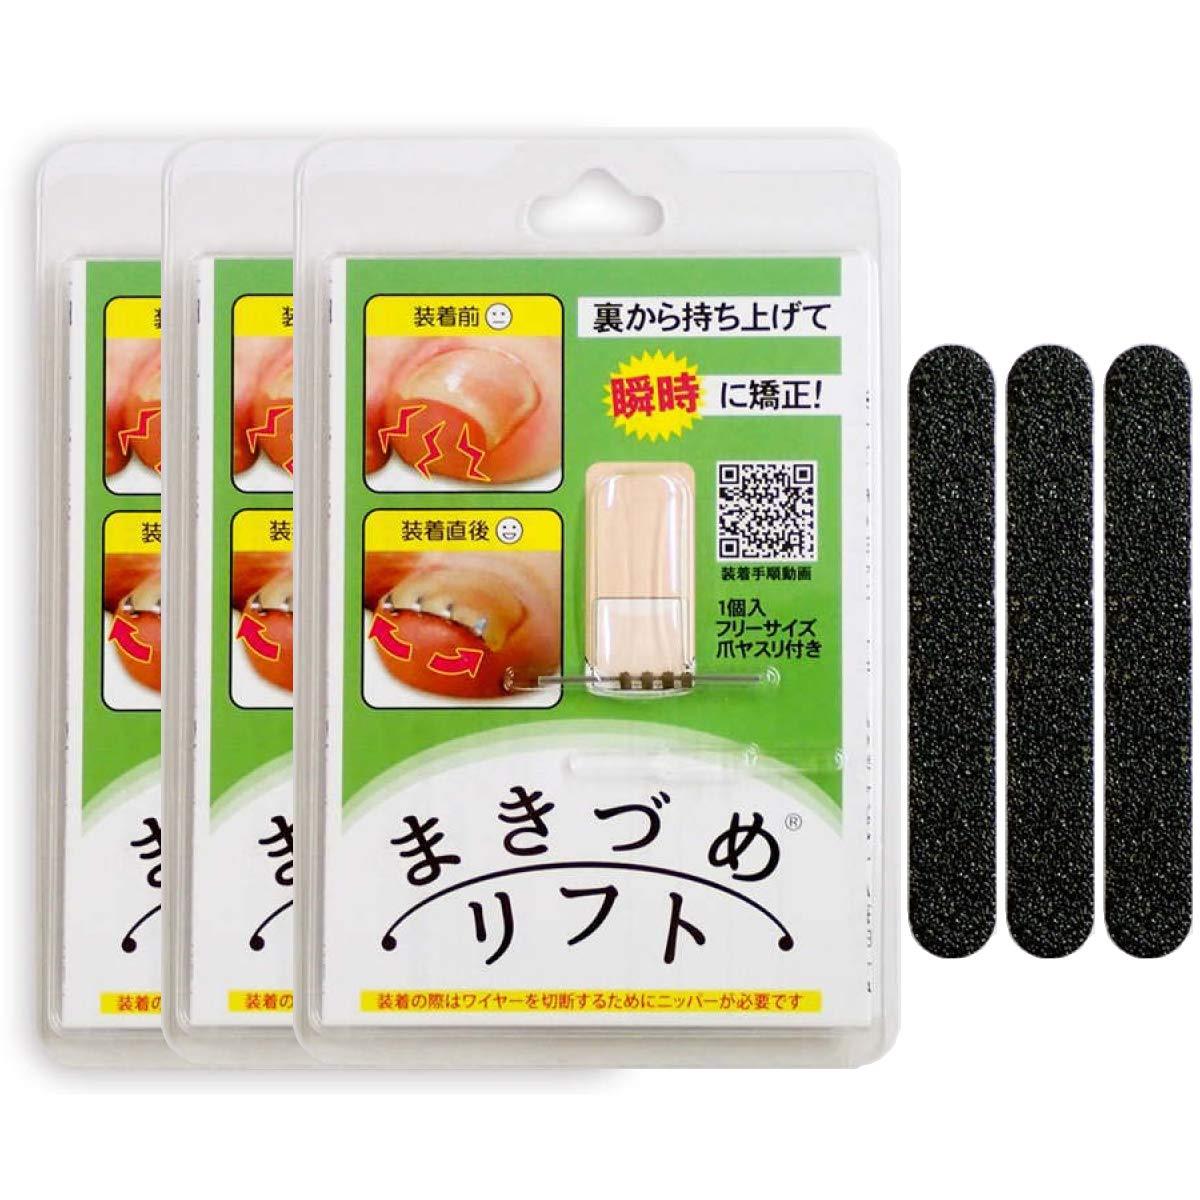 巻き爪 巻き爪リフト やすり付き (巻き爪リフト 4個セット) B07G7XRM49 巻き爪リフト 3個セット  巻き爪リフト 3個セット